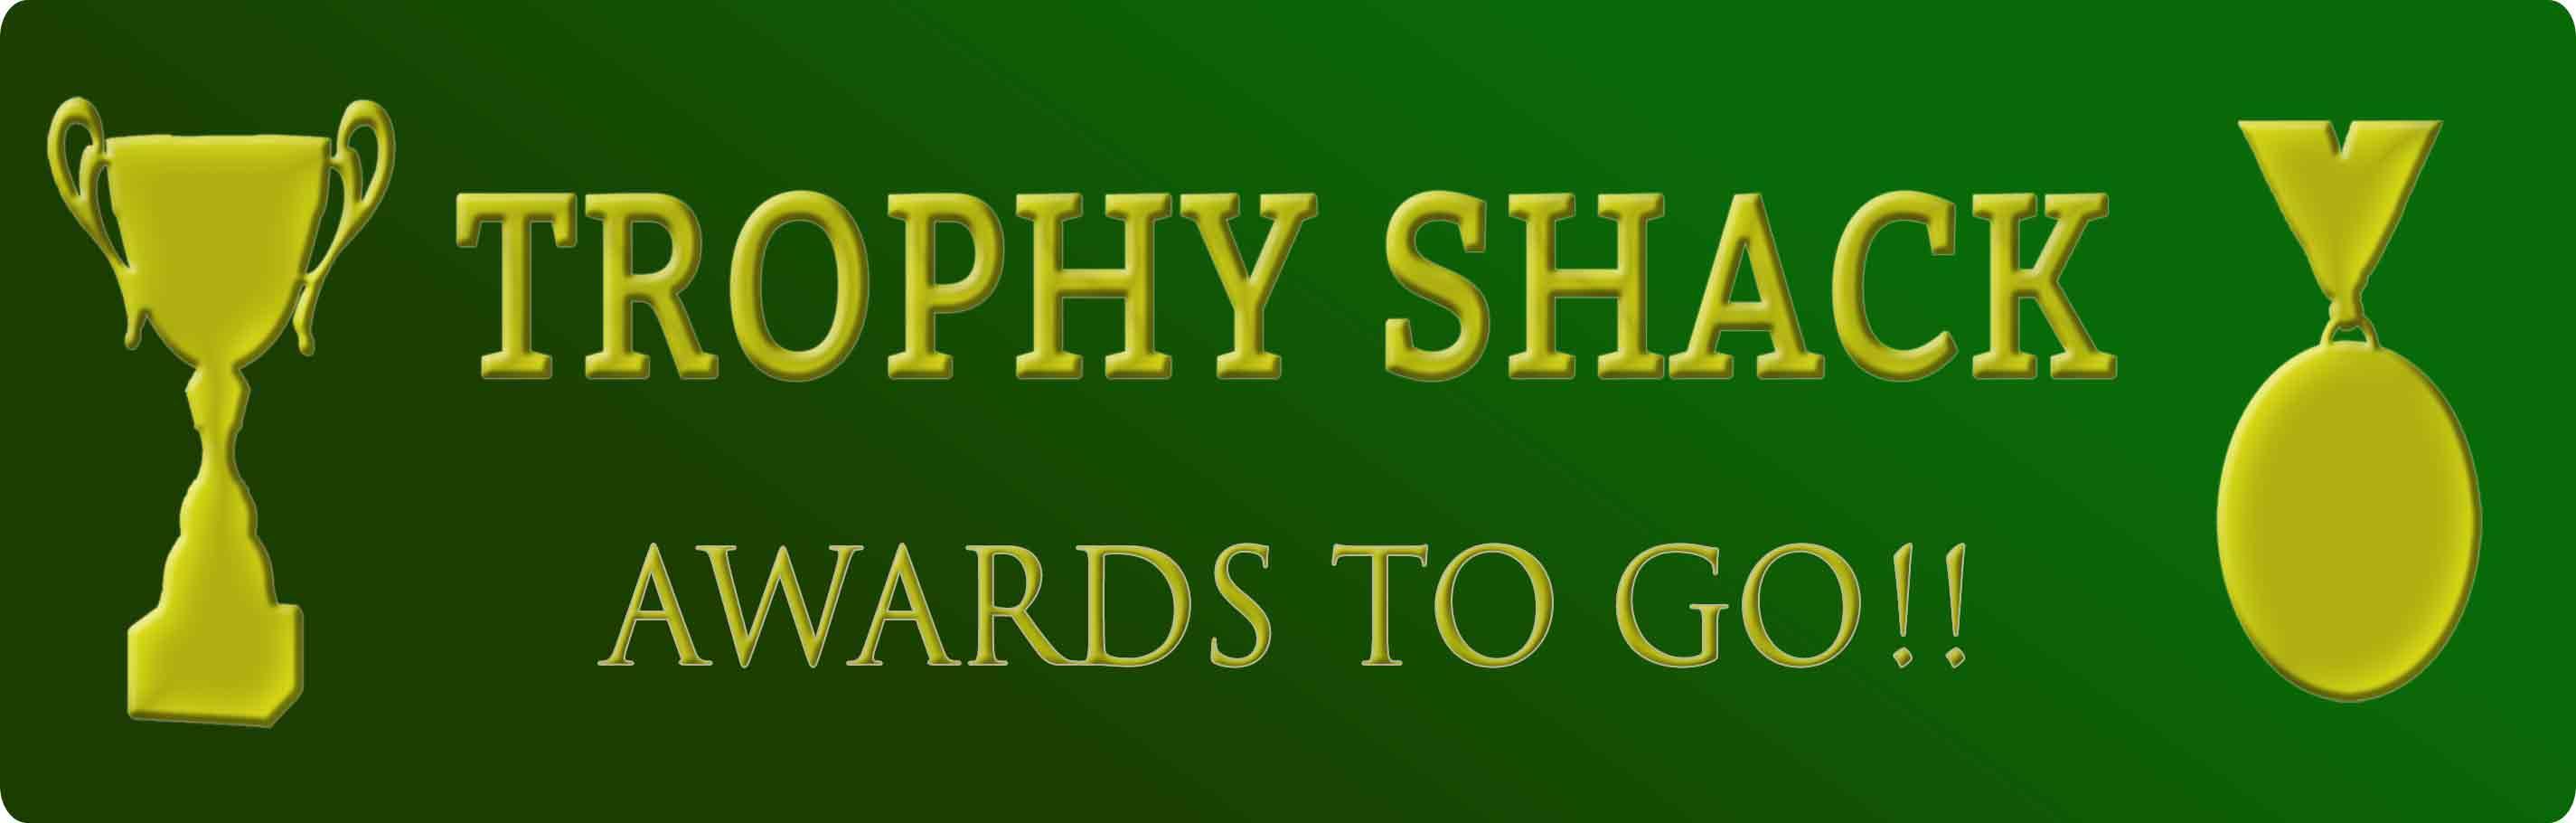 Trophy Shack